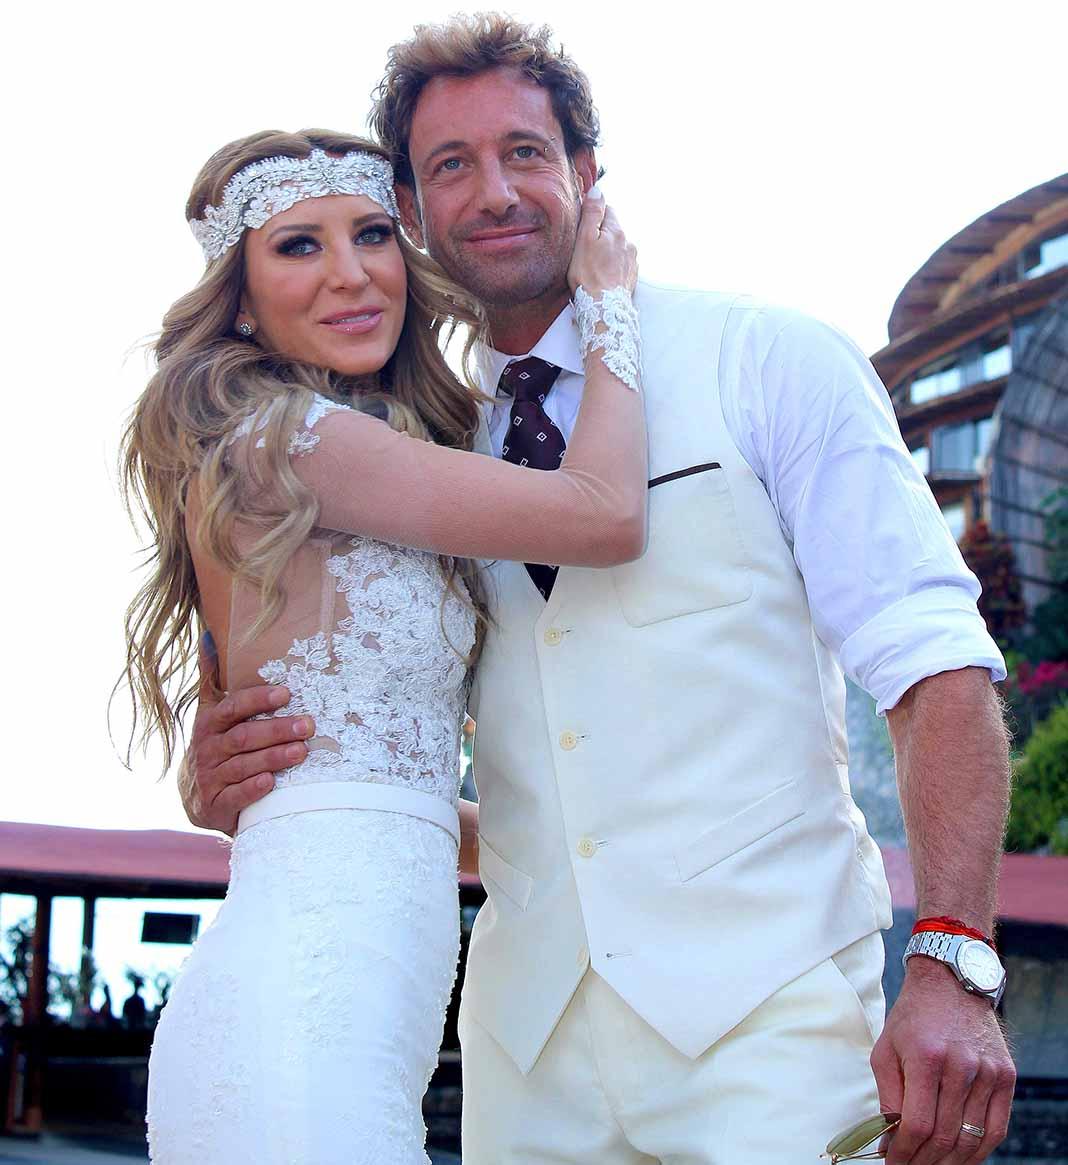 Con su boda en febrero de 2016 Gabriel y Geraldine parecían sellar su amor para siempre